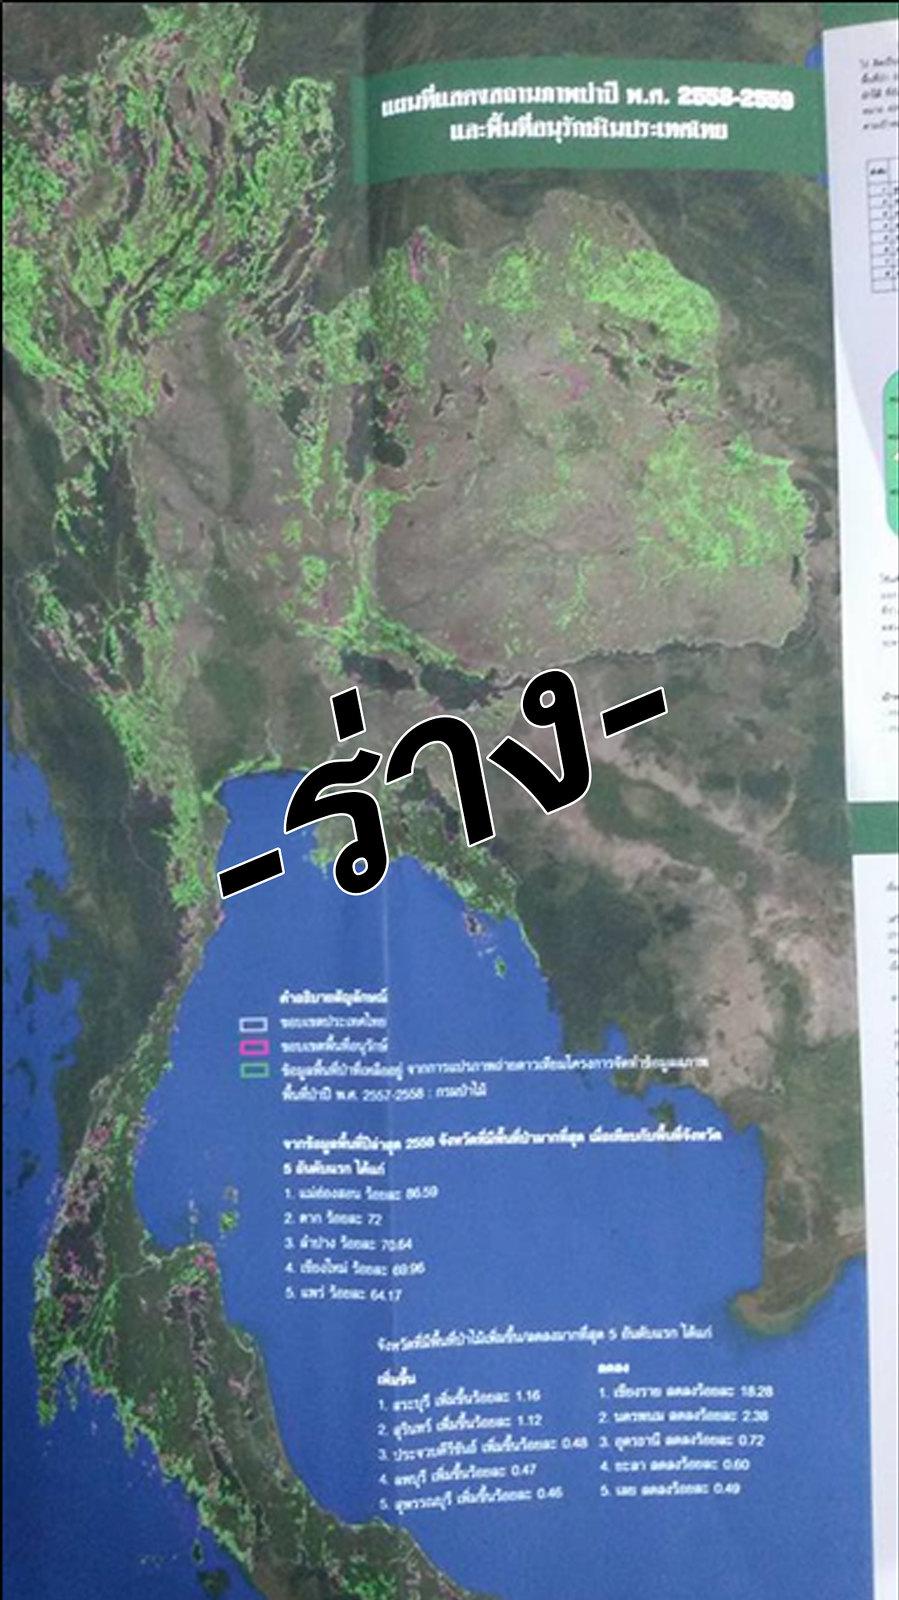 แจ้งแก้ไขข้อผิดพลาด แผ่นพับสถานการณ์ป่าไม้ไทย พุทธศักราช 2559